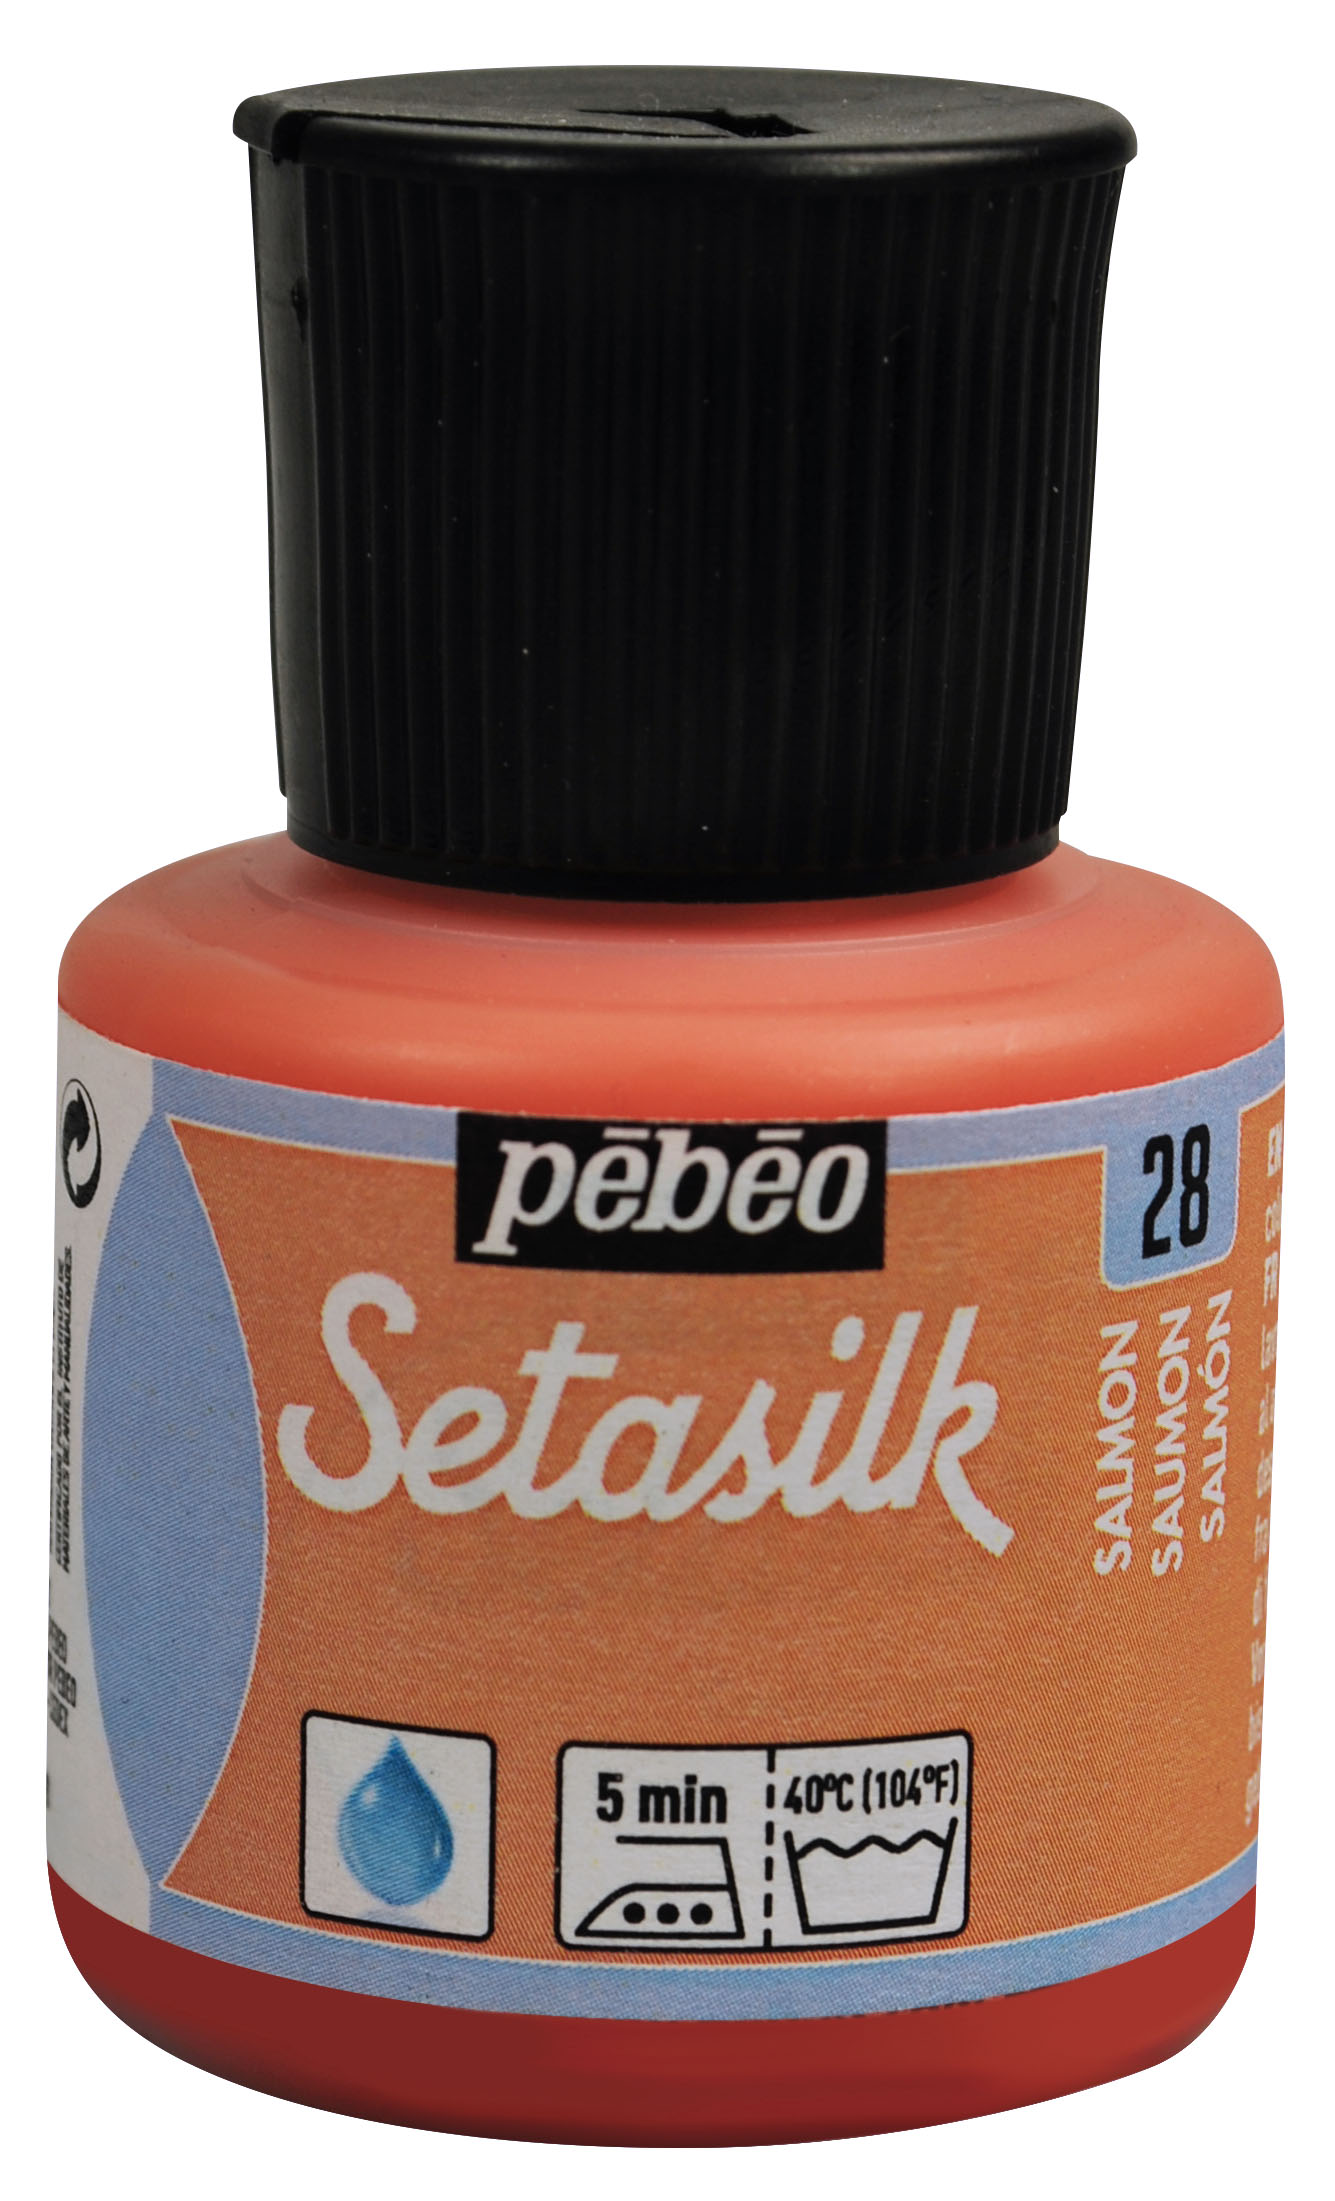 28 Salmon Setasilk Paint